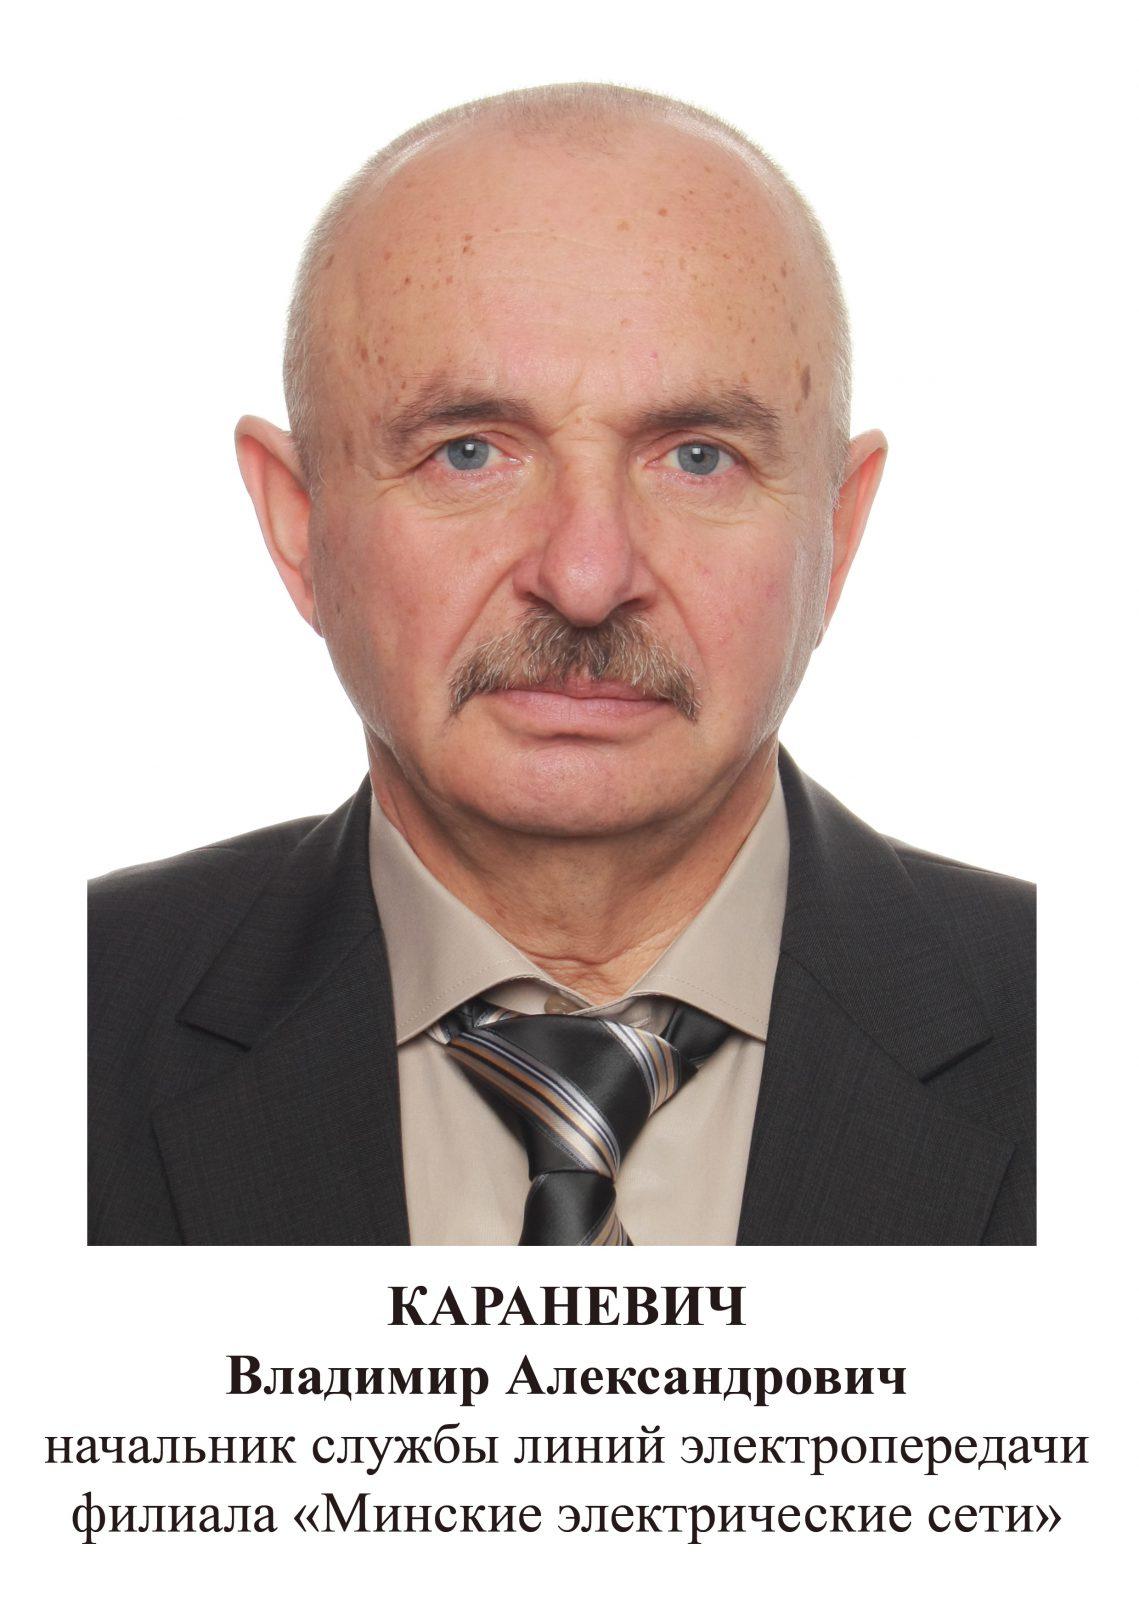 Караневич Владимир Александрович